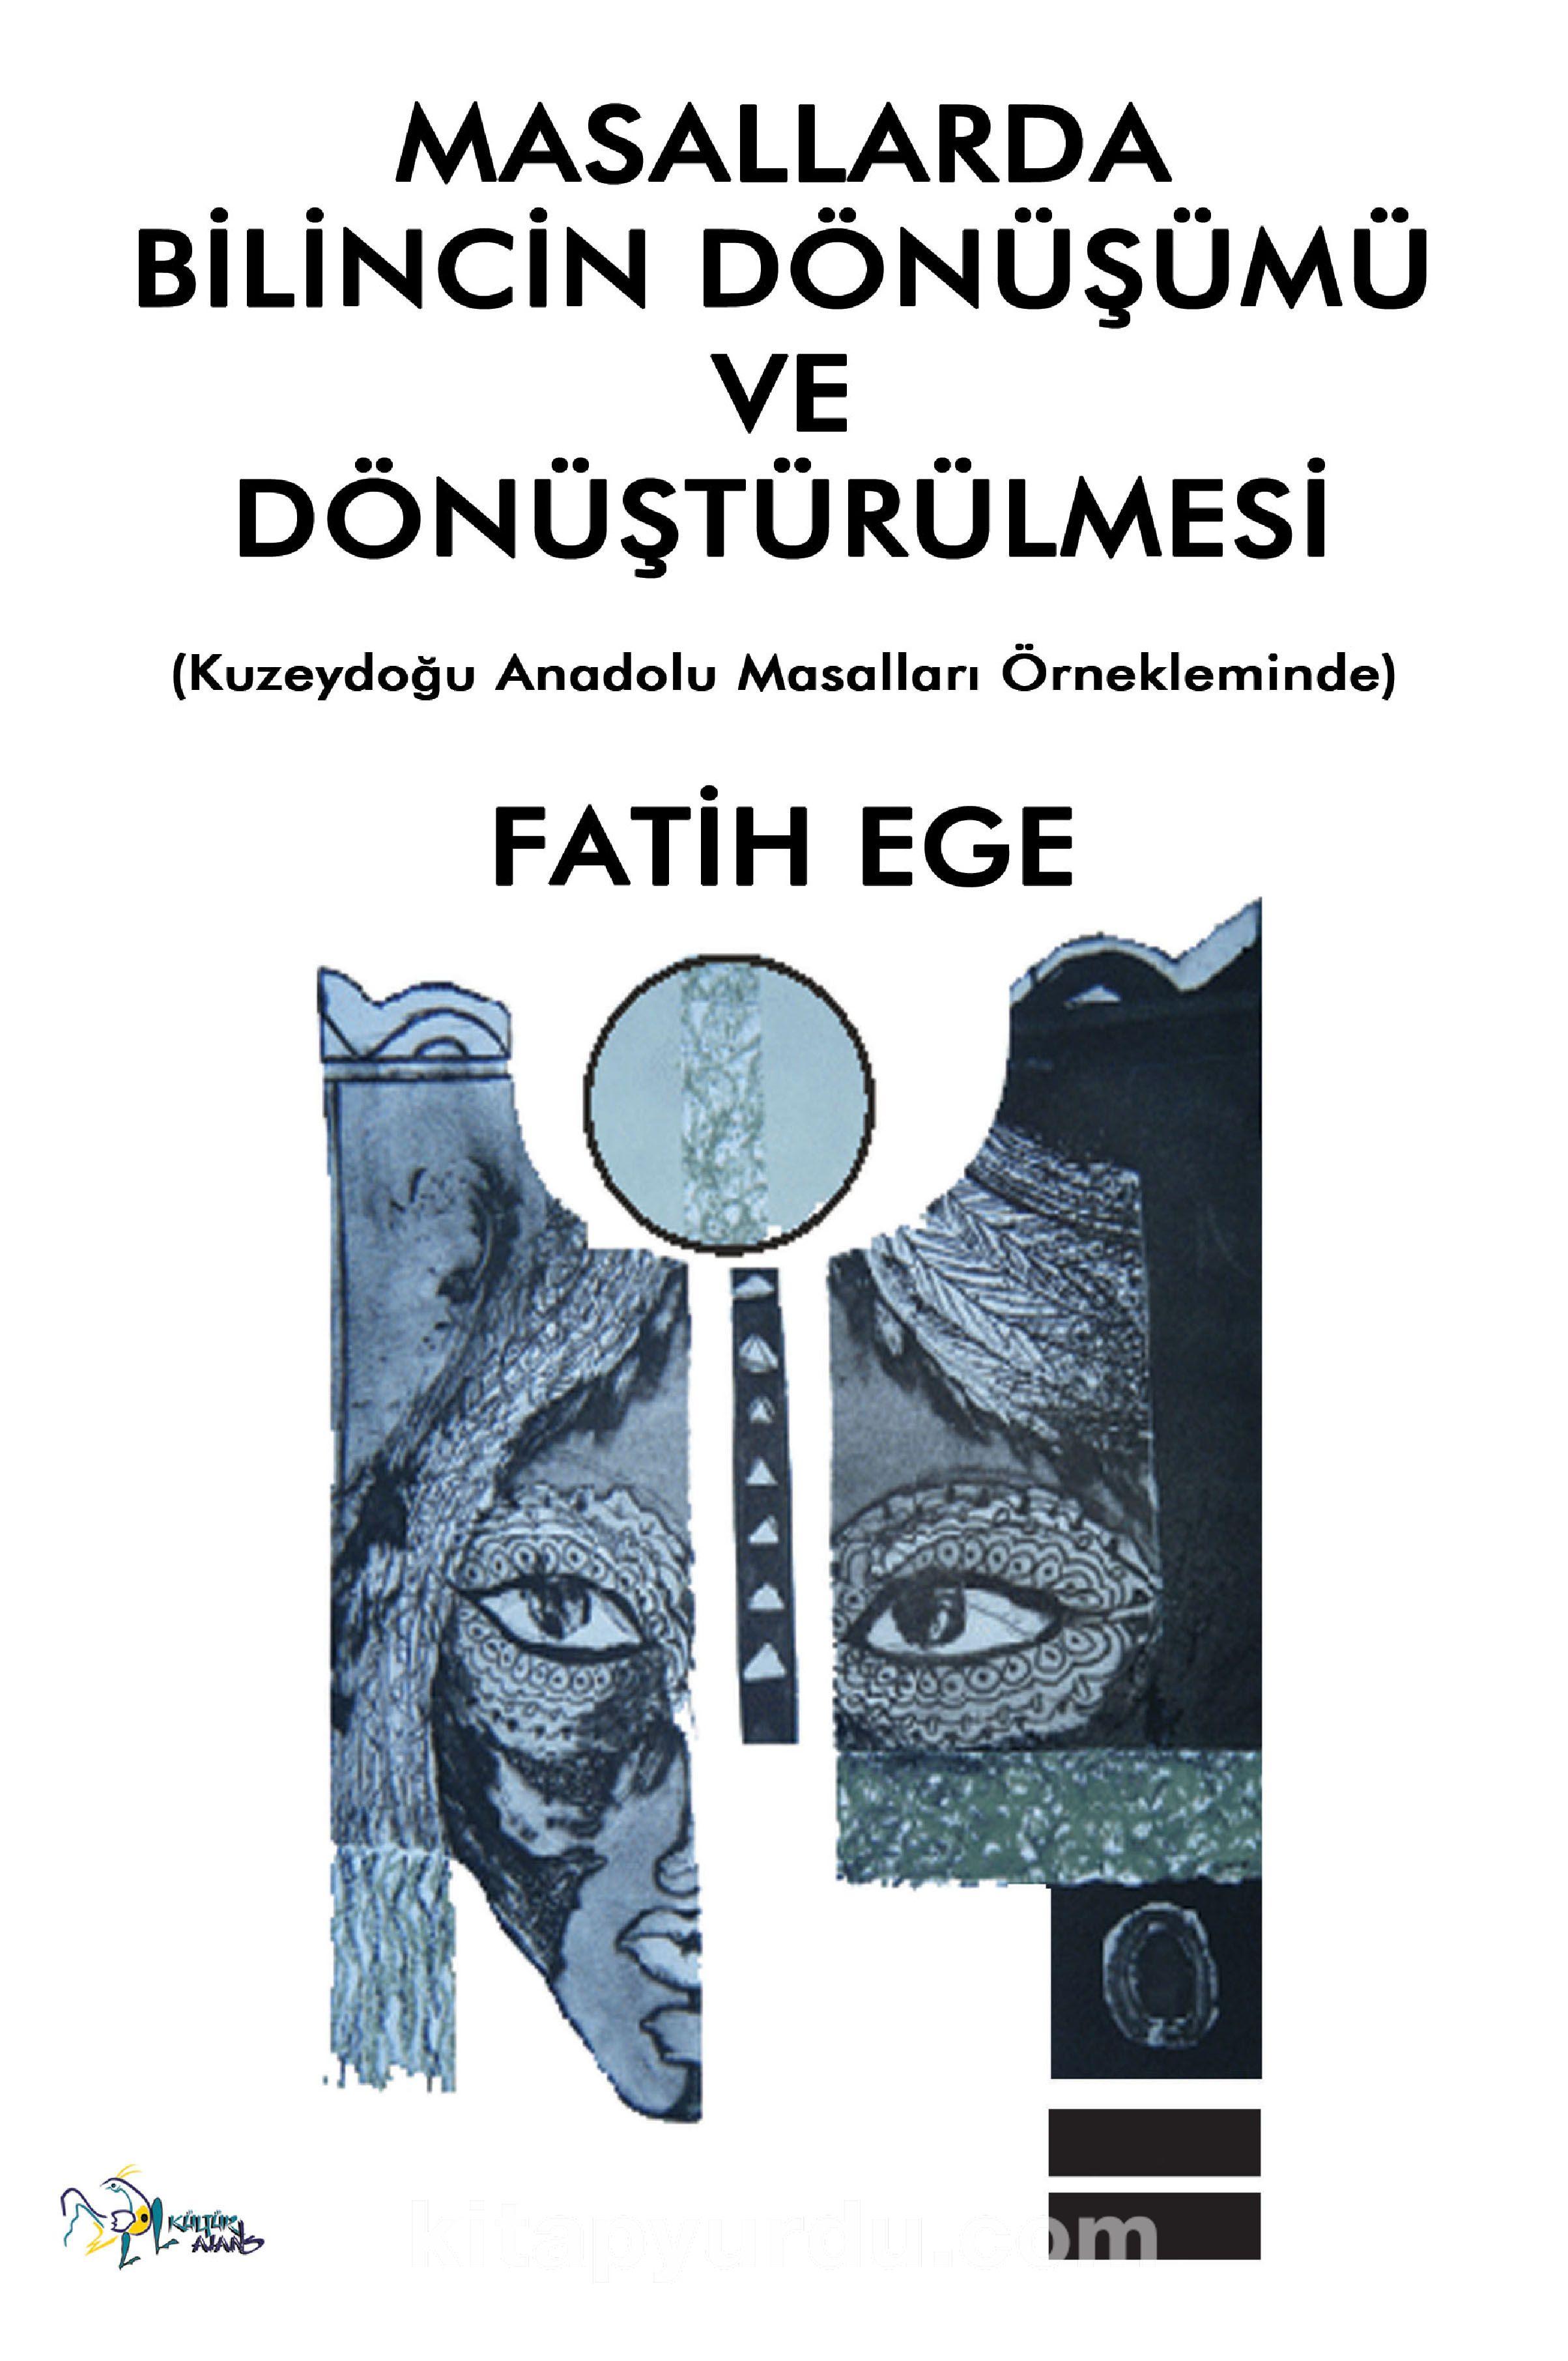 Masallarda Bilincin Dönüşümü ve Dönüştürülmesi - Dr. Fatih Ege pdf epub